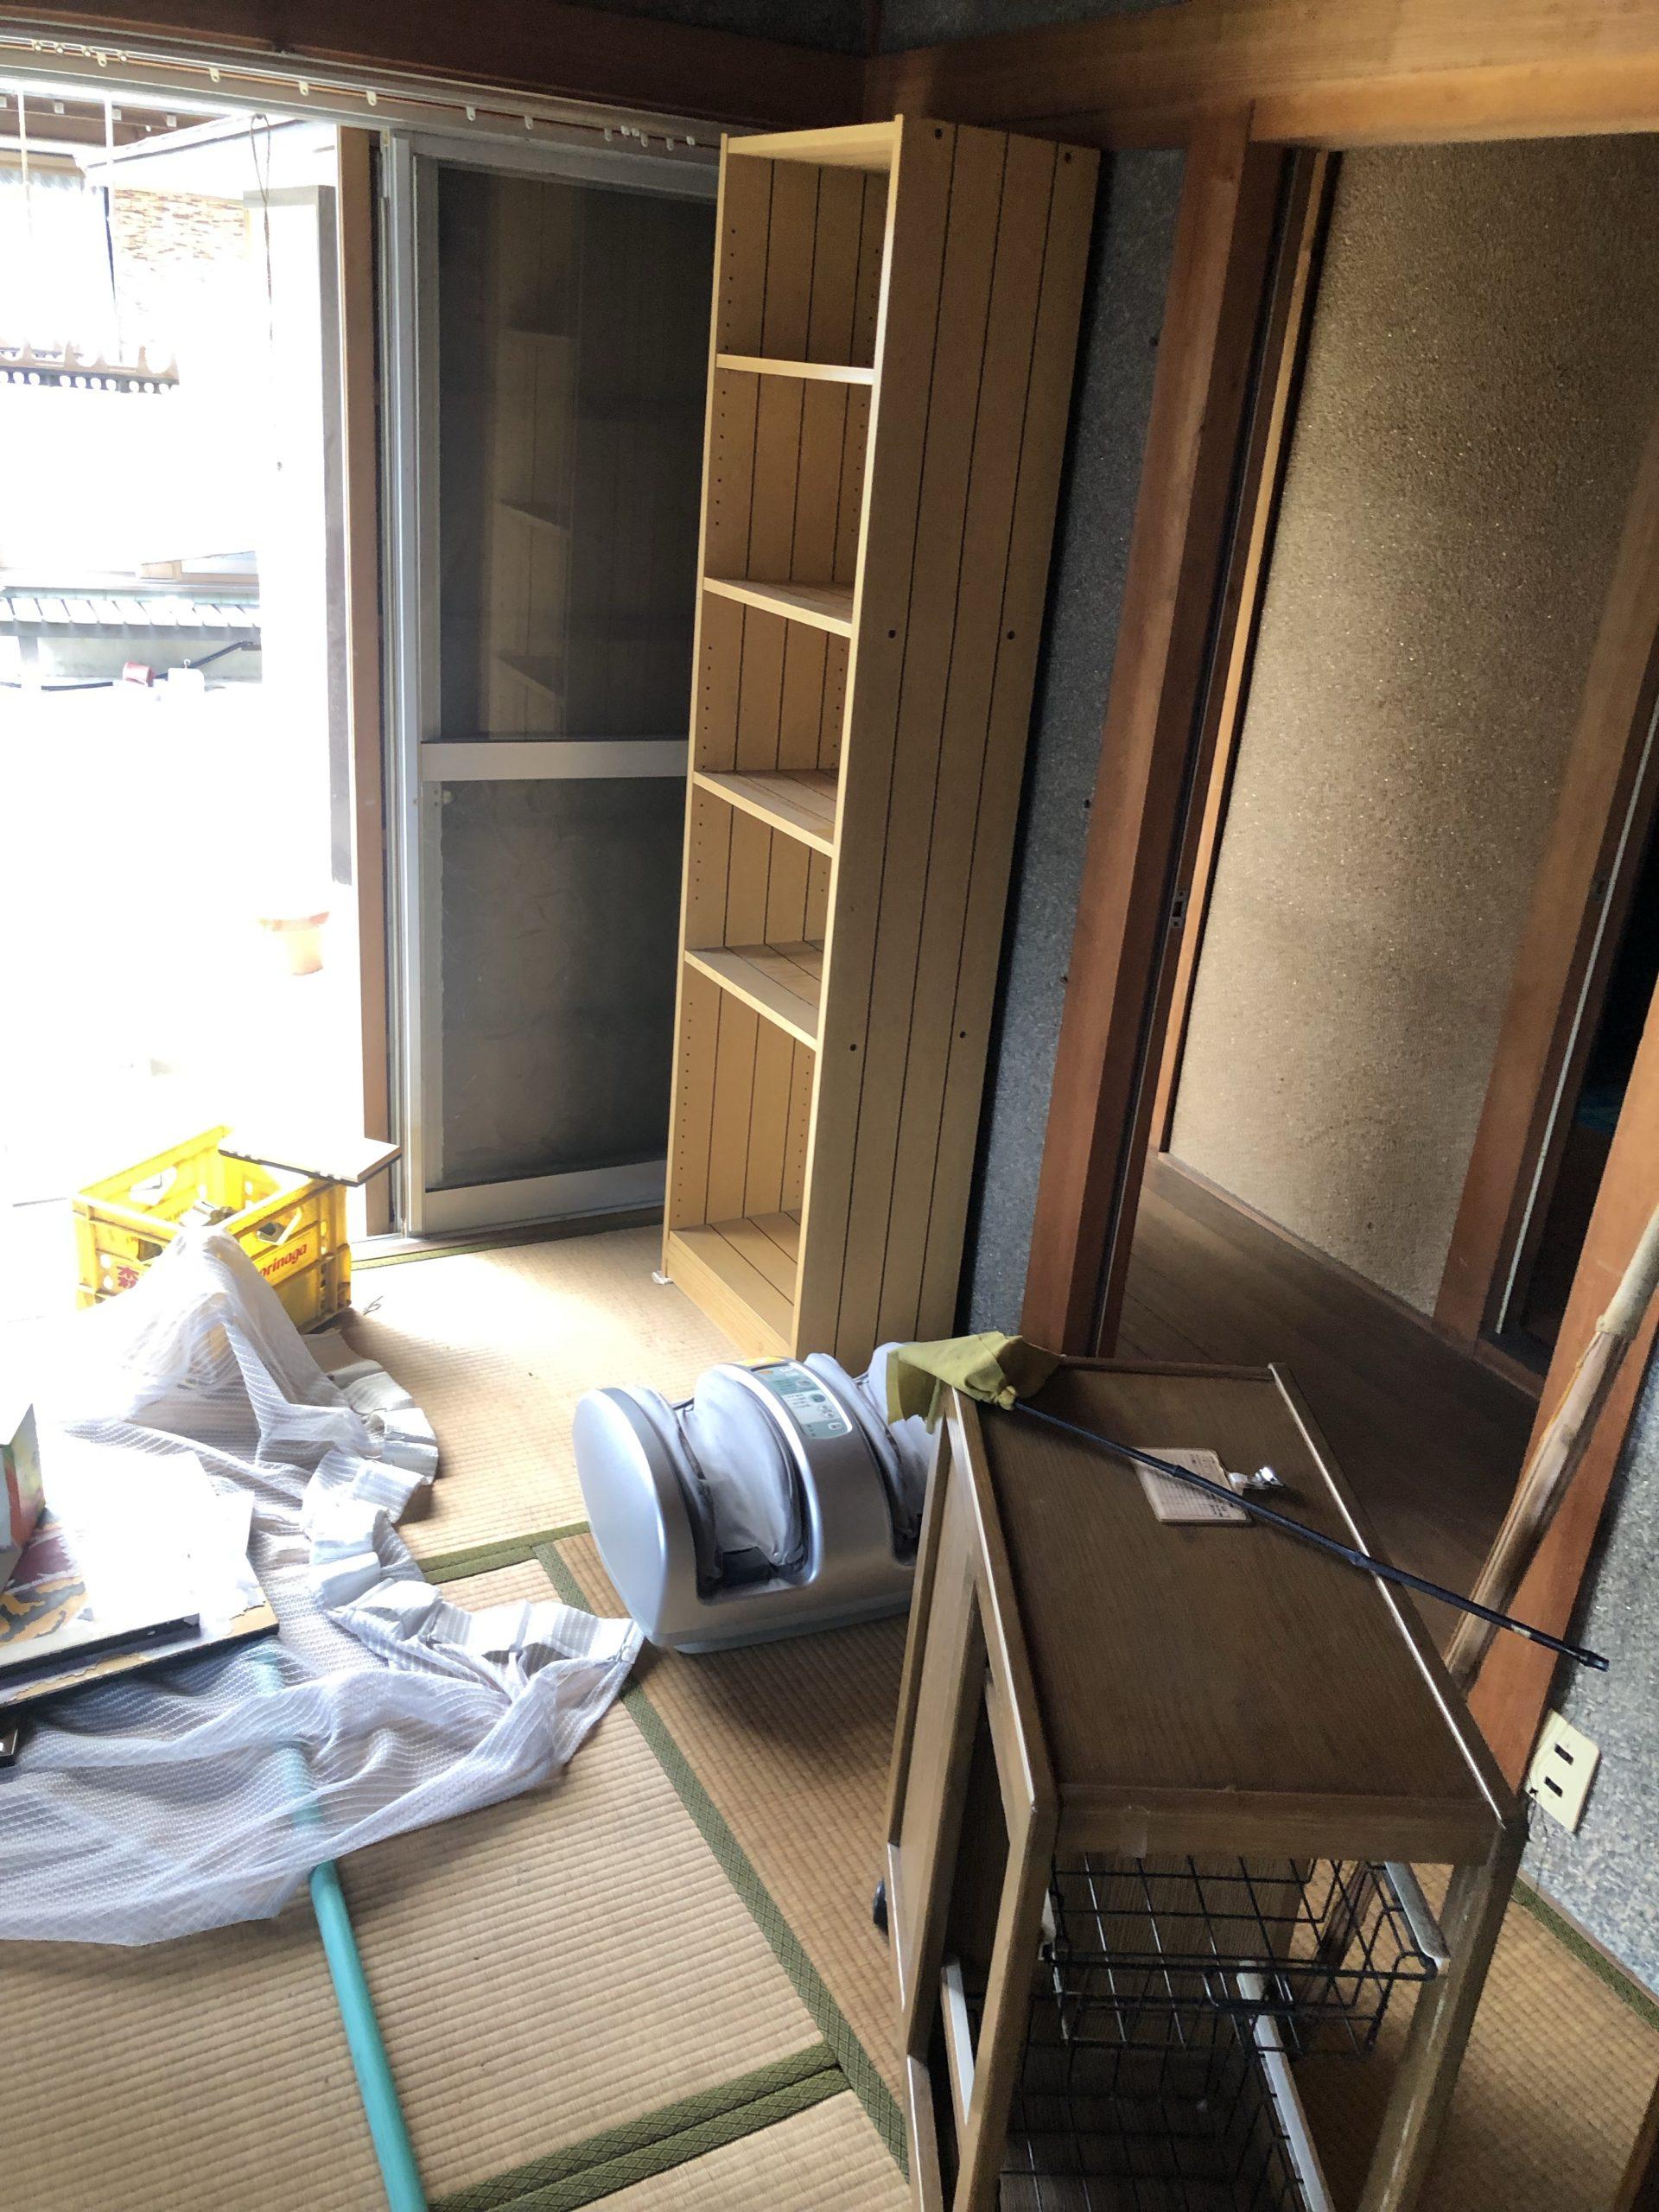 三重県津市で不用品回収や処分のご相談。遺品整理や生前整理や家屋解体工事の見積もり業者なら株式会社kousui